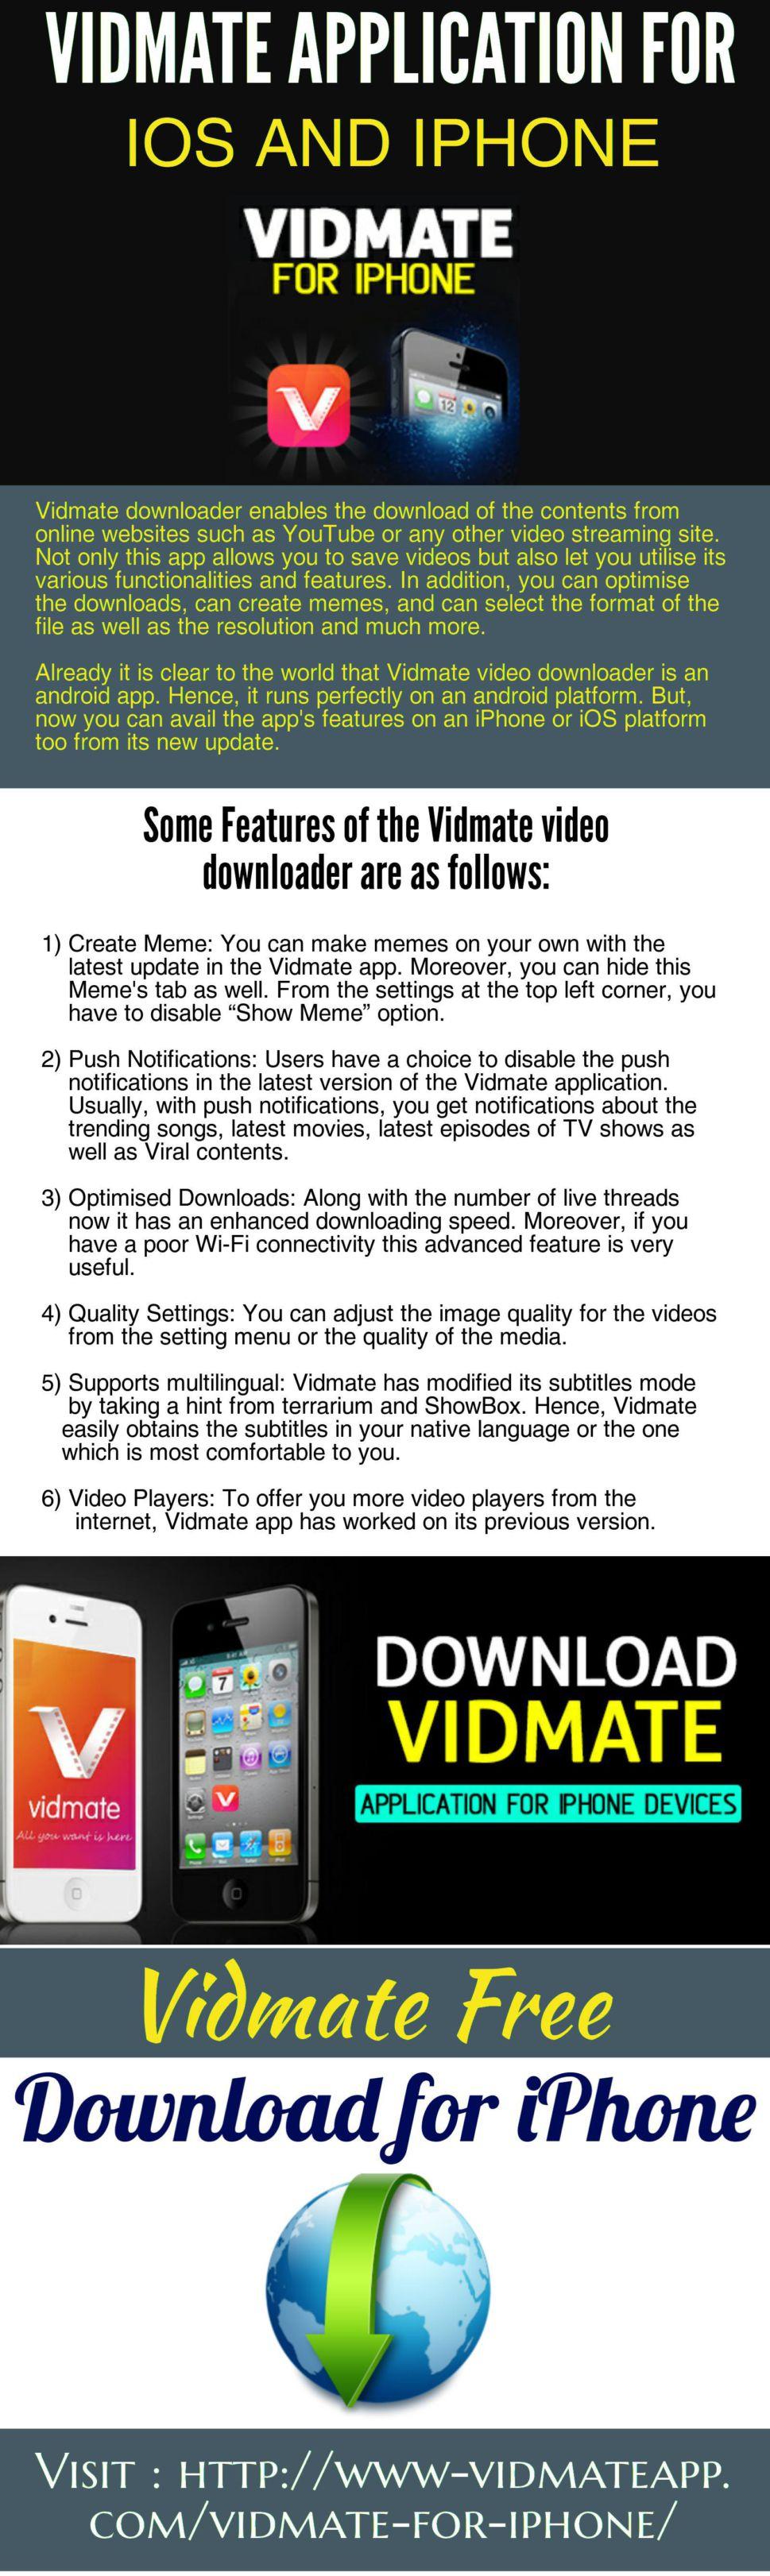 Visit Here: http://www-vidmateapp com/vidmate-for-iphone